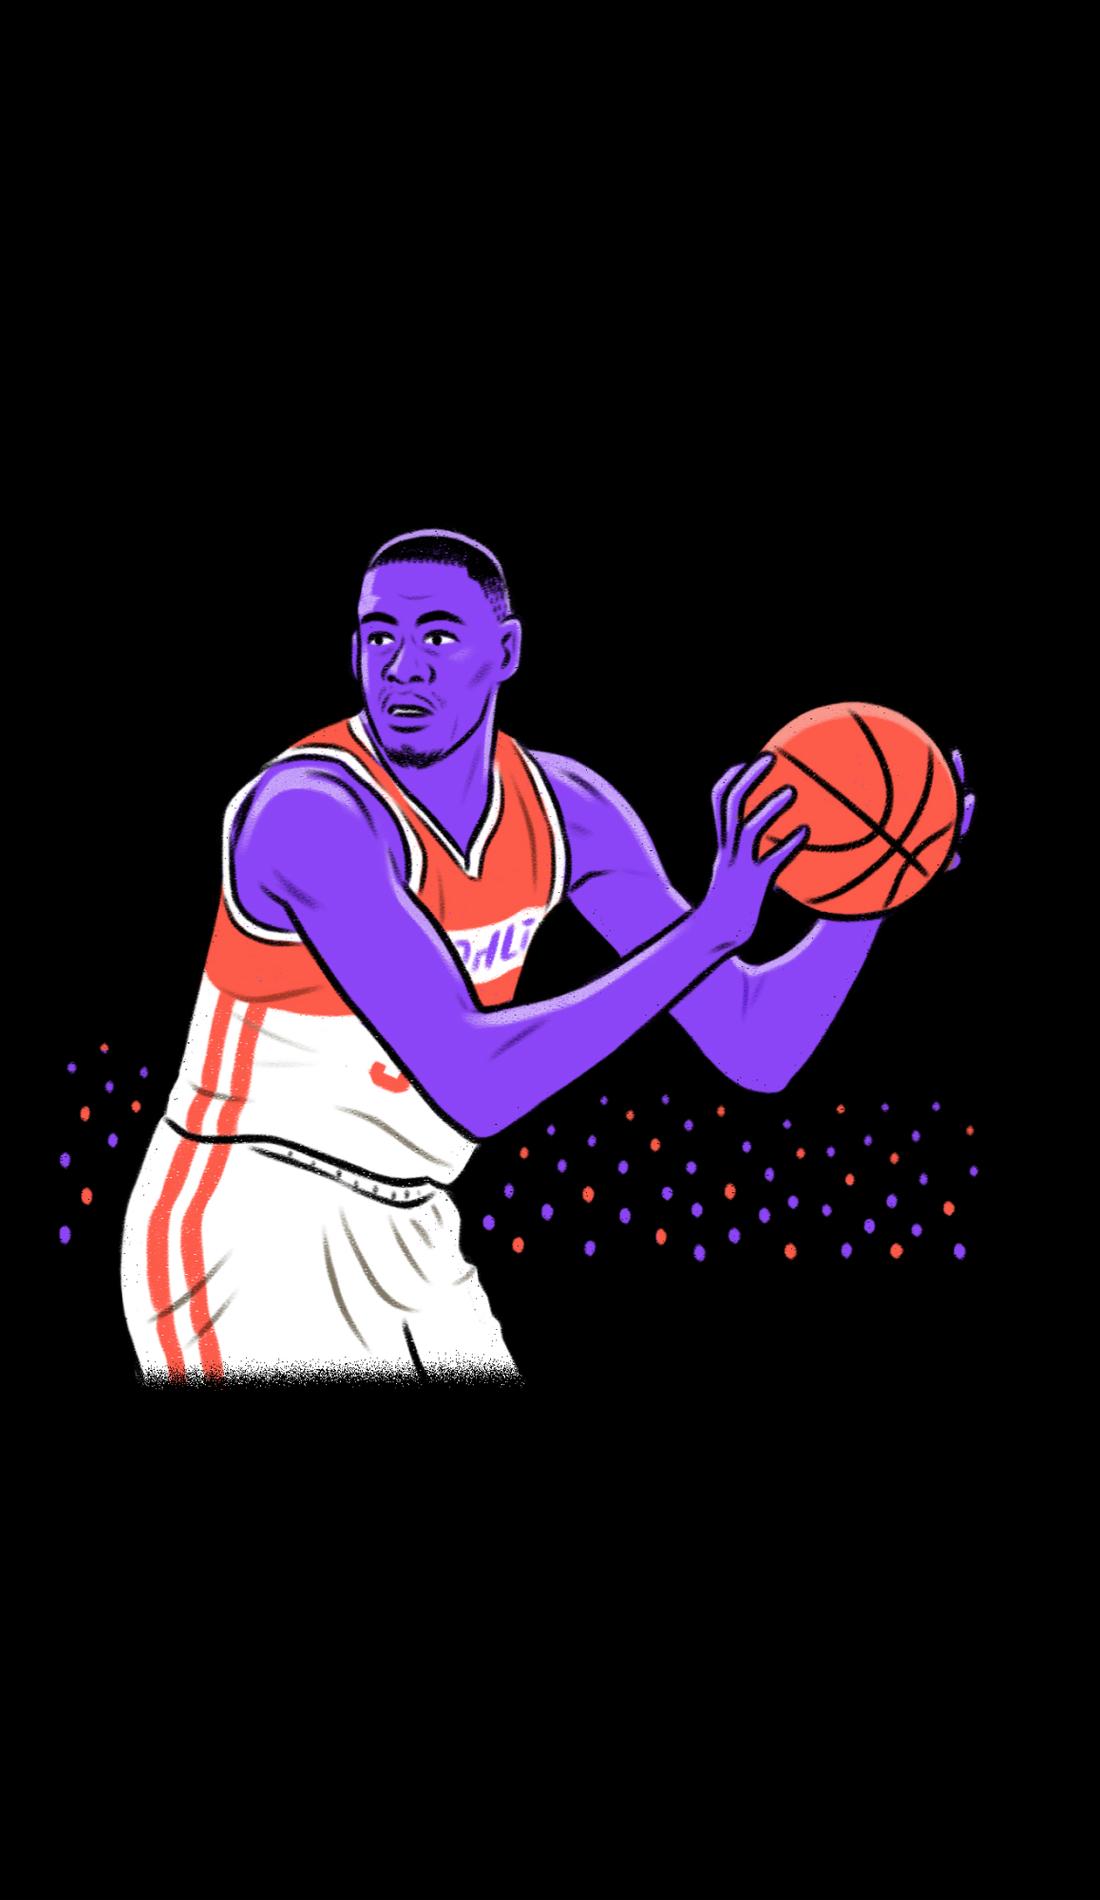 A Kansas City Roos Basketball live event